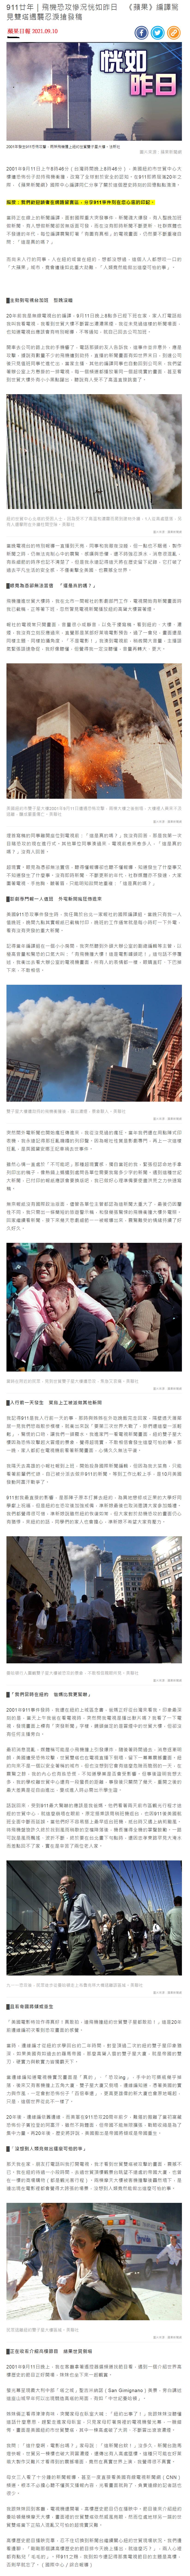 911廿年|飛機恐攻慘況恍如昨日 《蘋果》編譯驚見雙塔遇襲忍淚搶發稿 -蘋果新聞網-2021.09.10.png